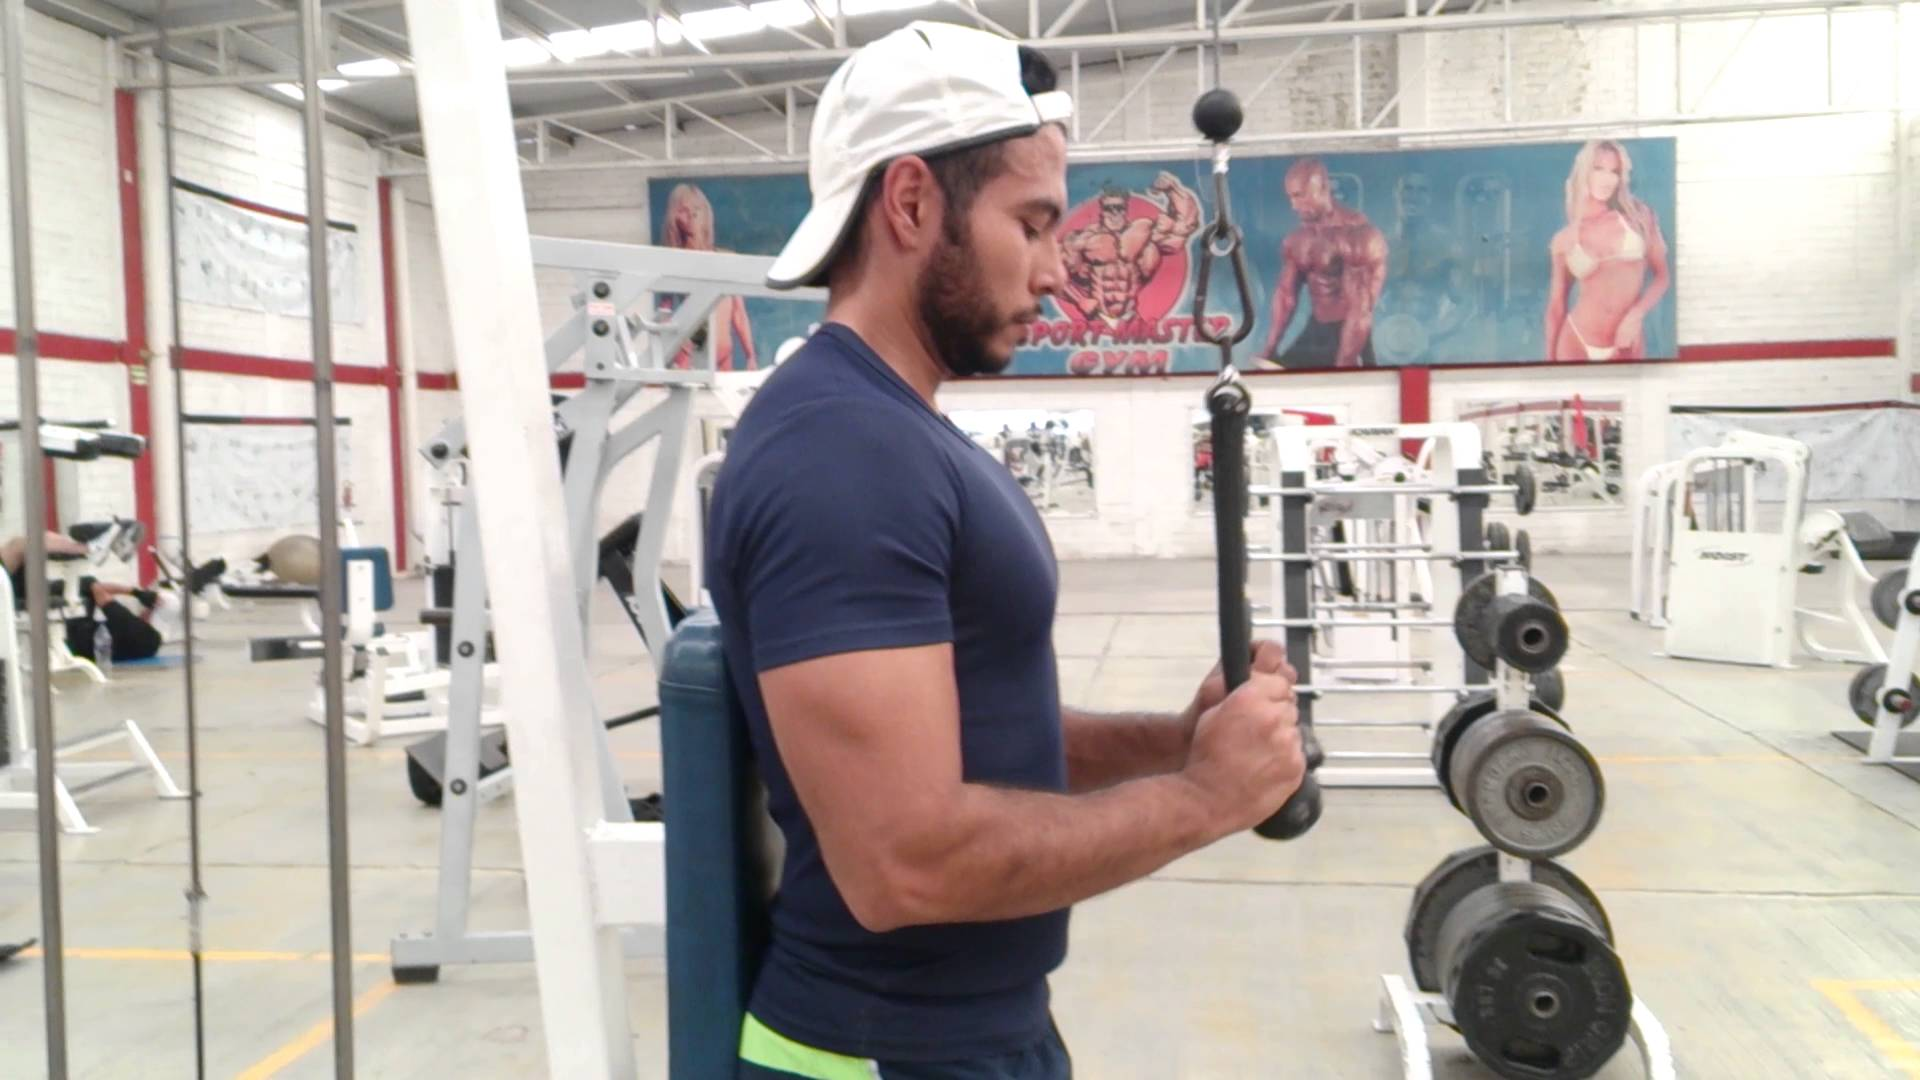 Extensiones de tríceps con cable